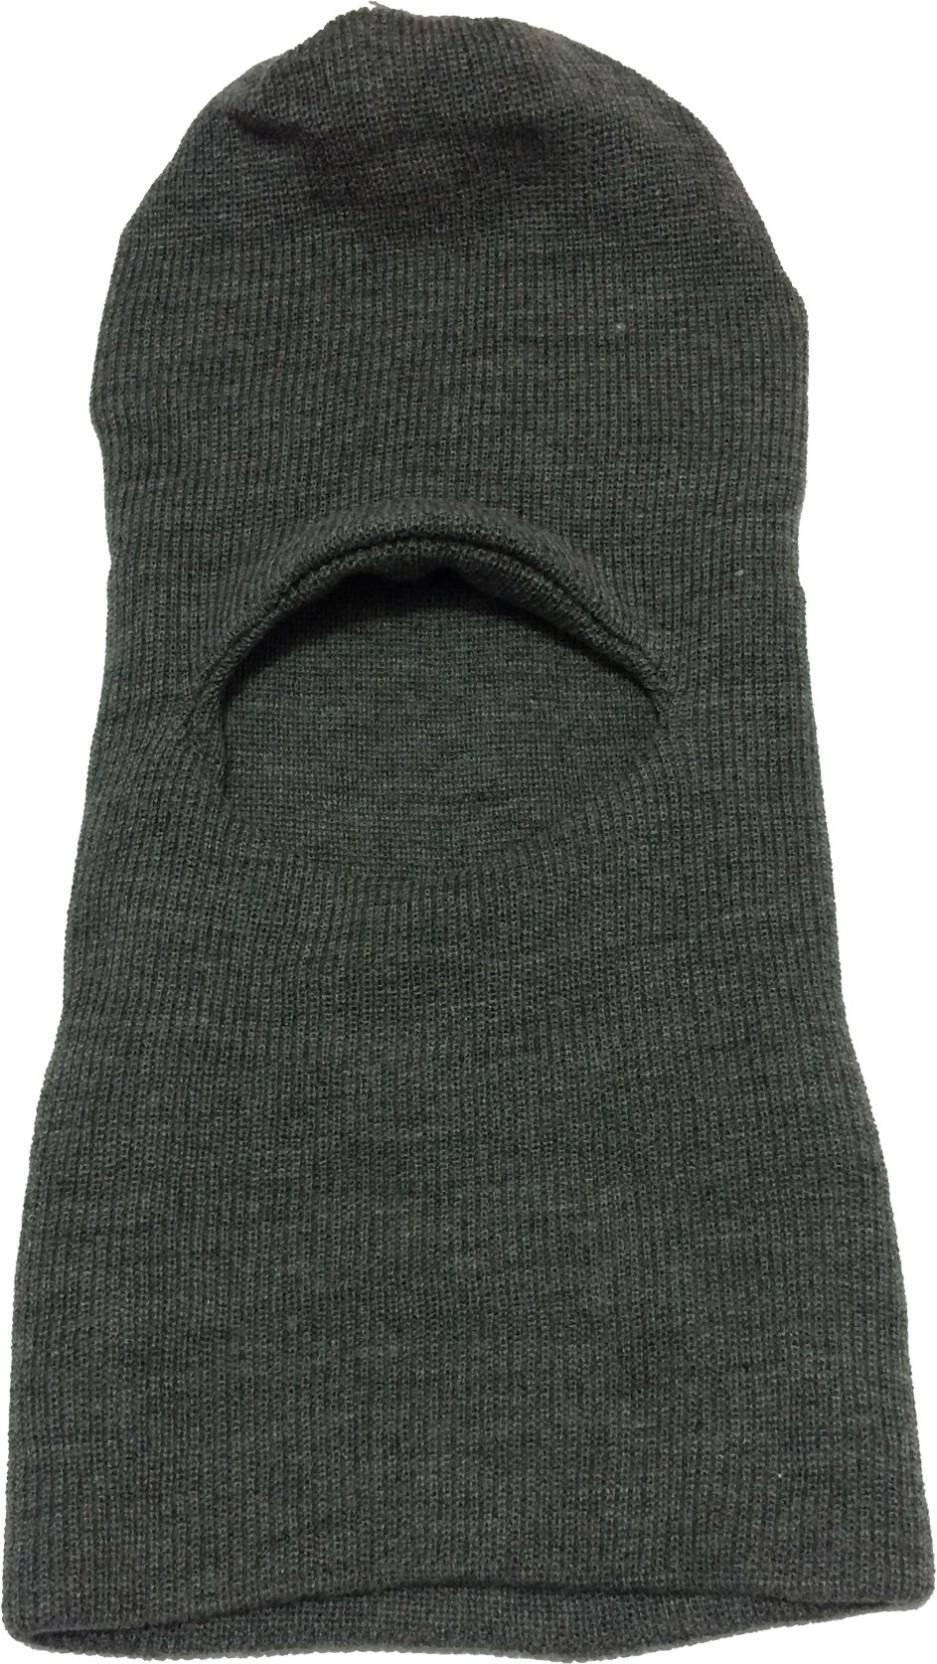 d3ce56594b8 Uncle Benit MONKEY CAP Cap - Buy Grey Uncle Benit MONKEY CAP Cap ...